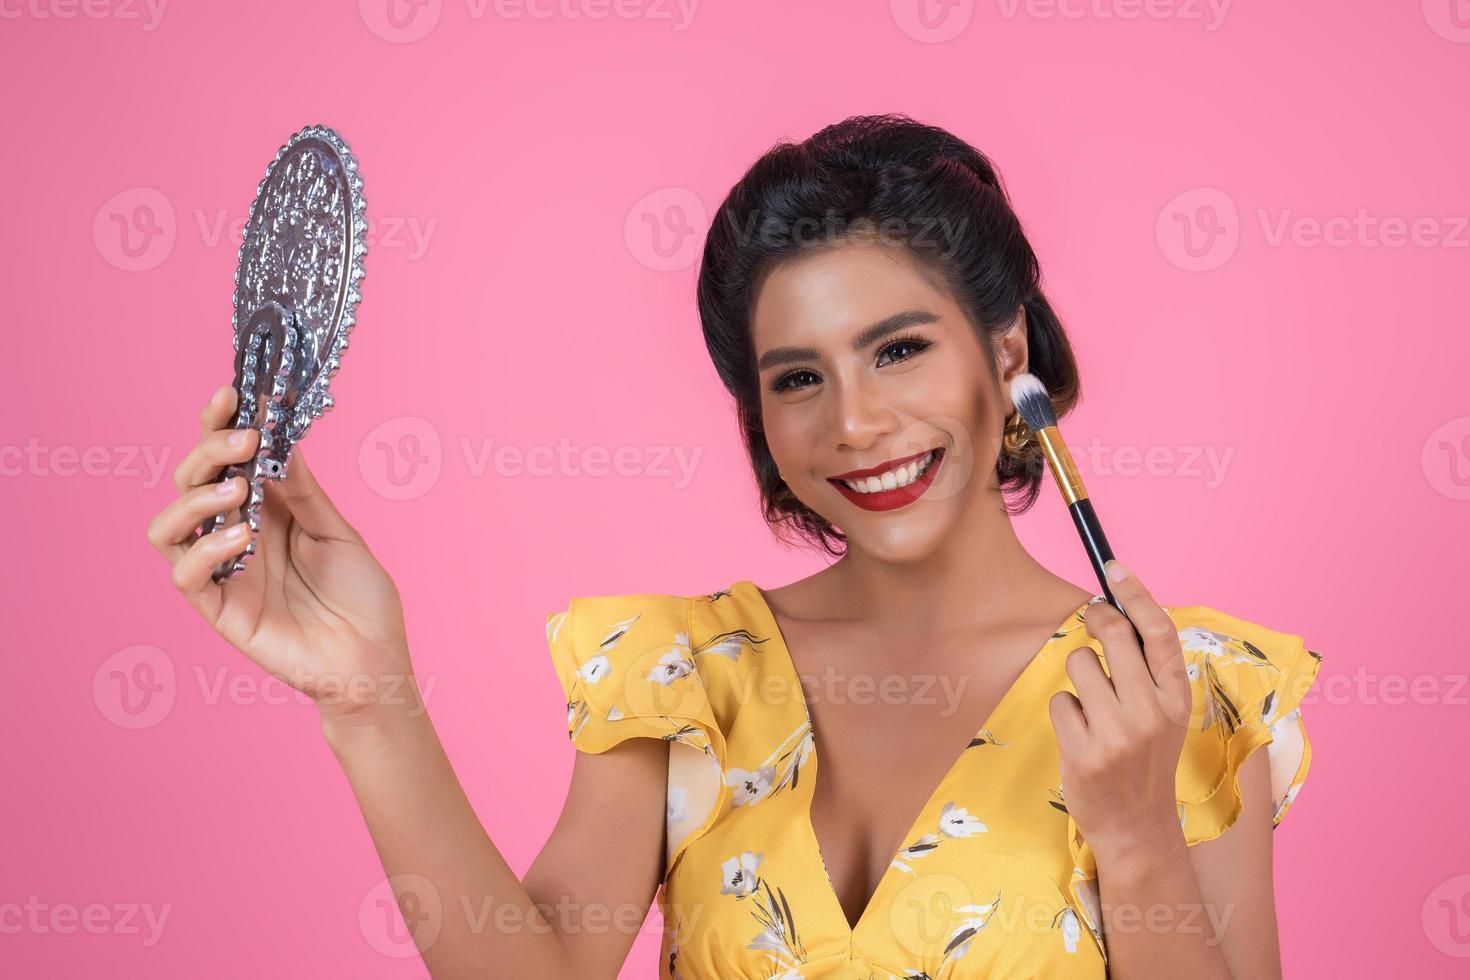 mujer de moda con maquillaje y espejo foto